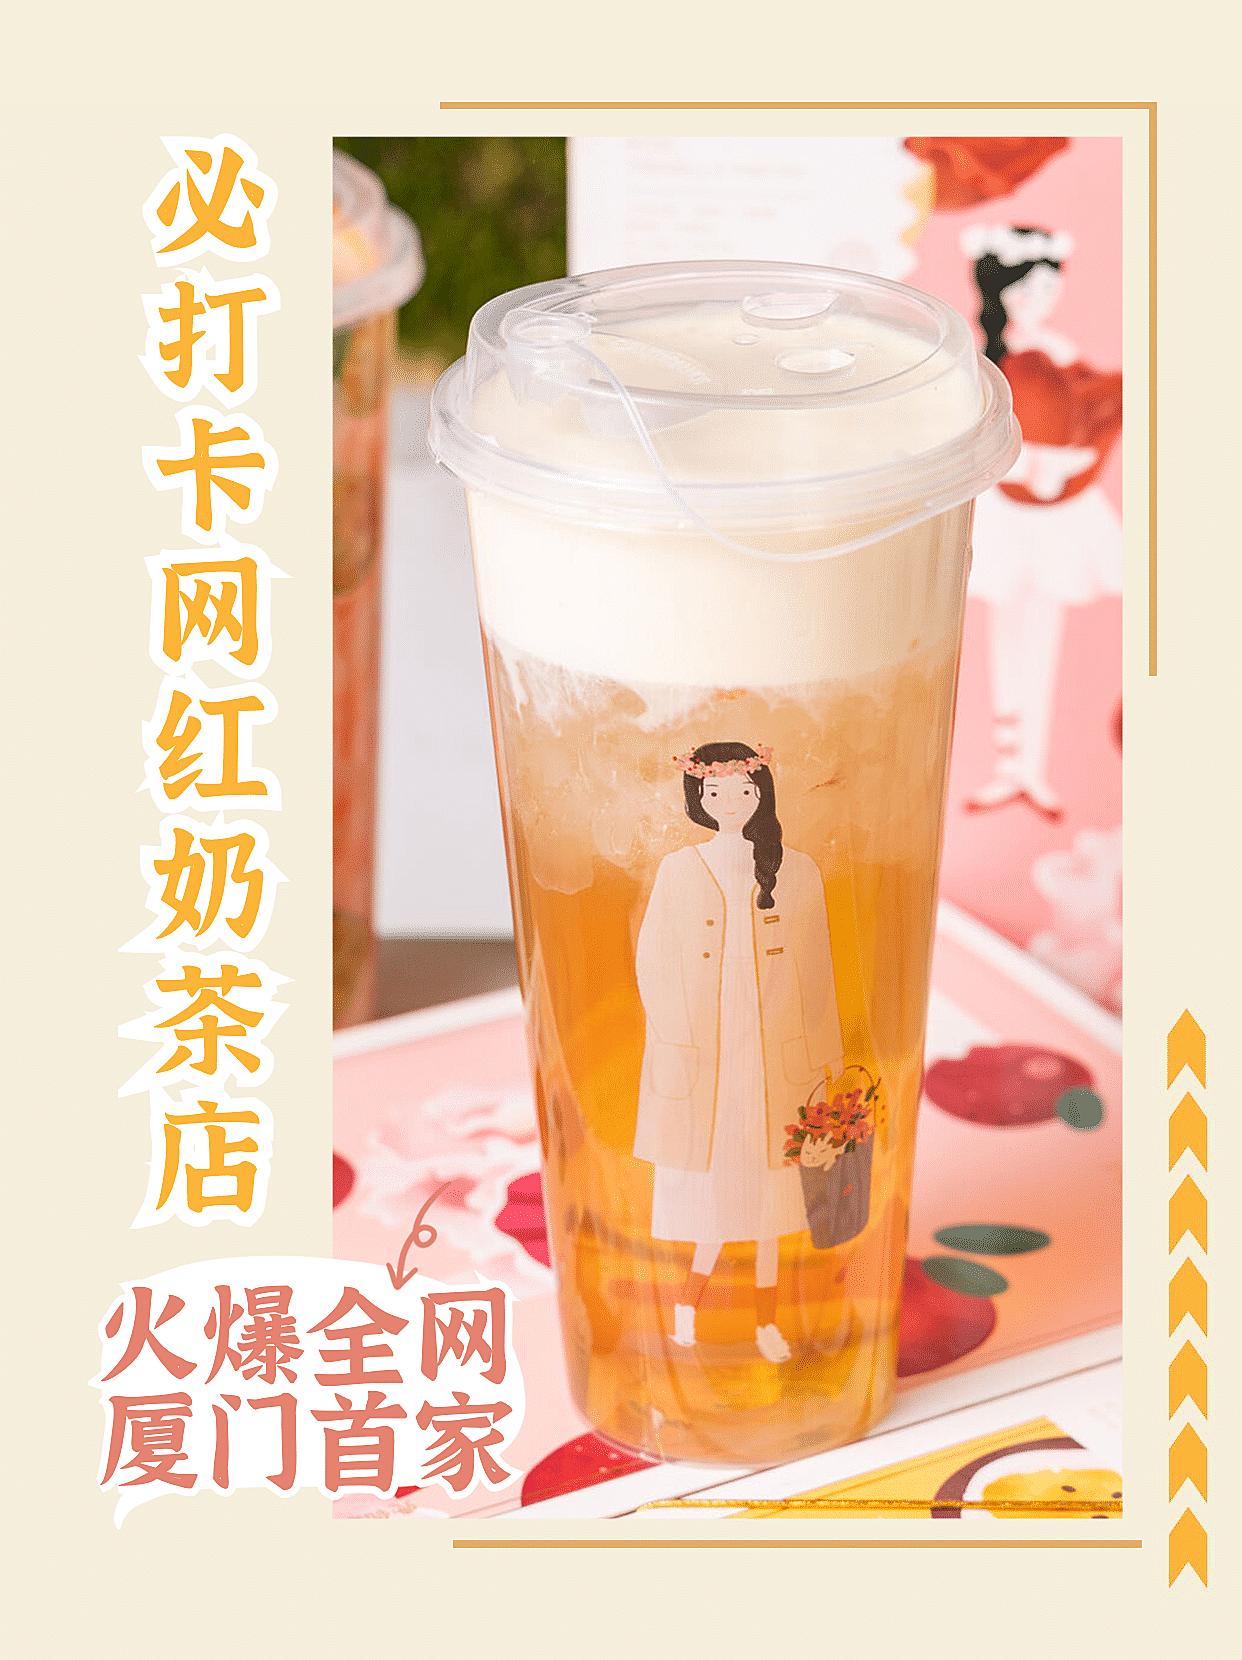 网红奶茶打卡小红书娱乐封面配图